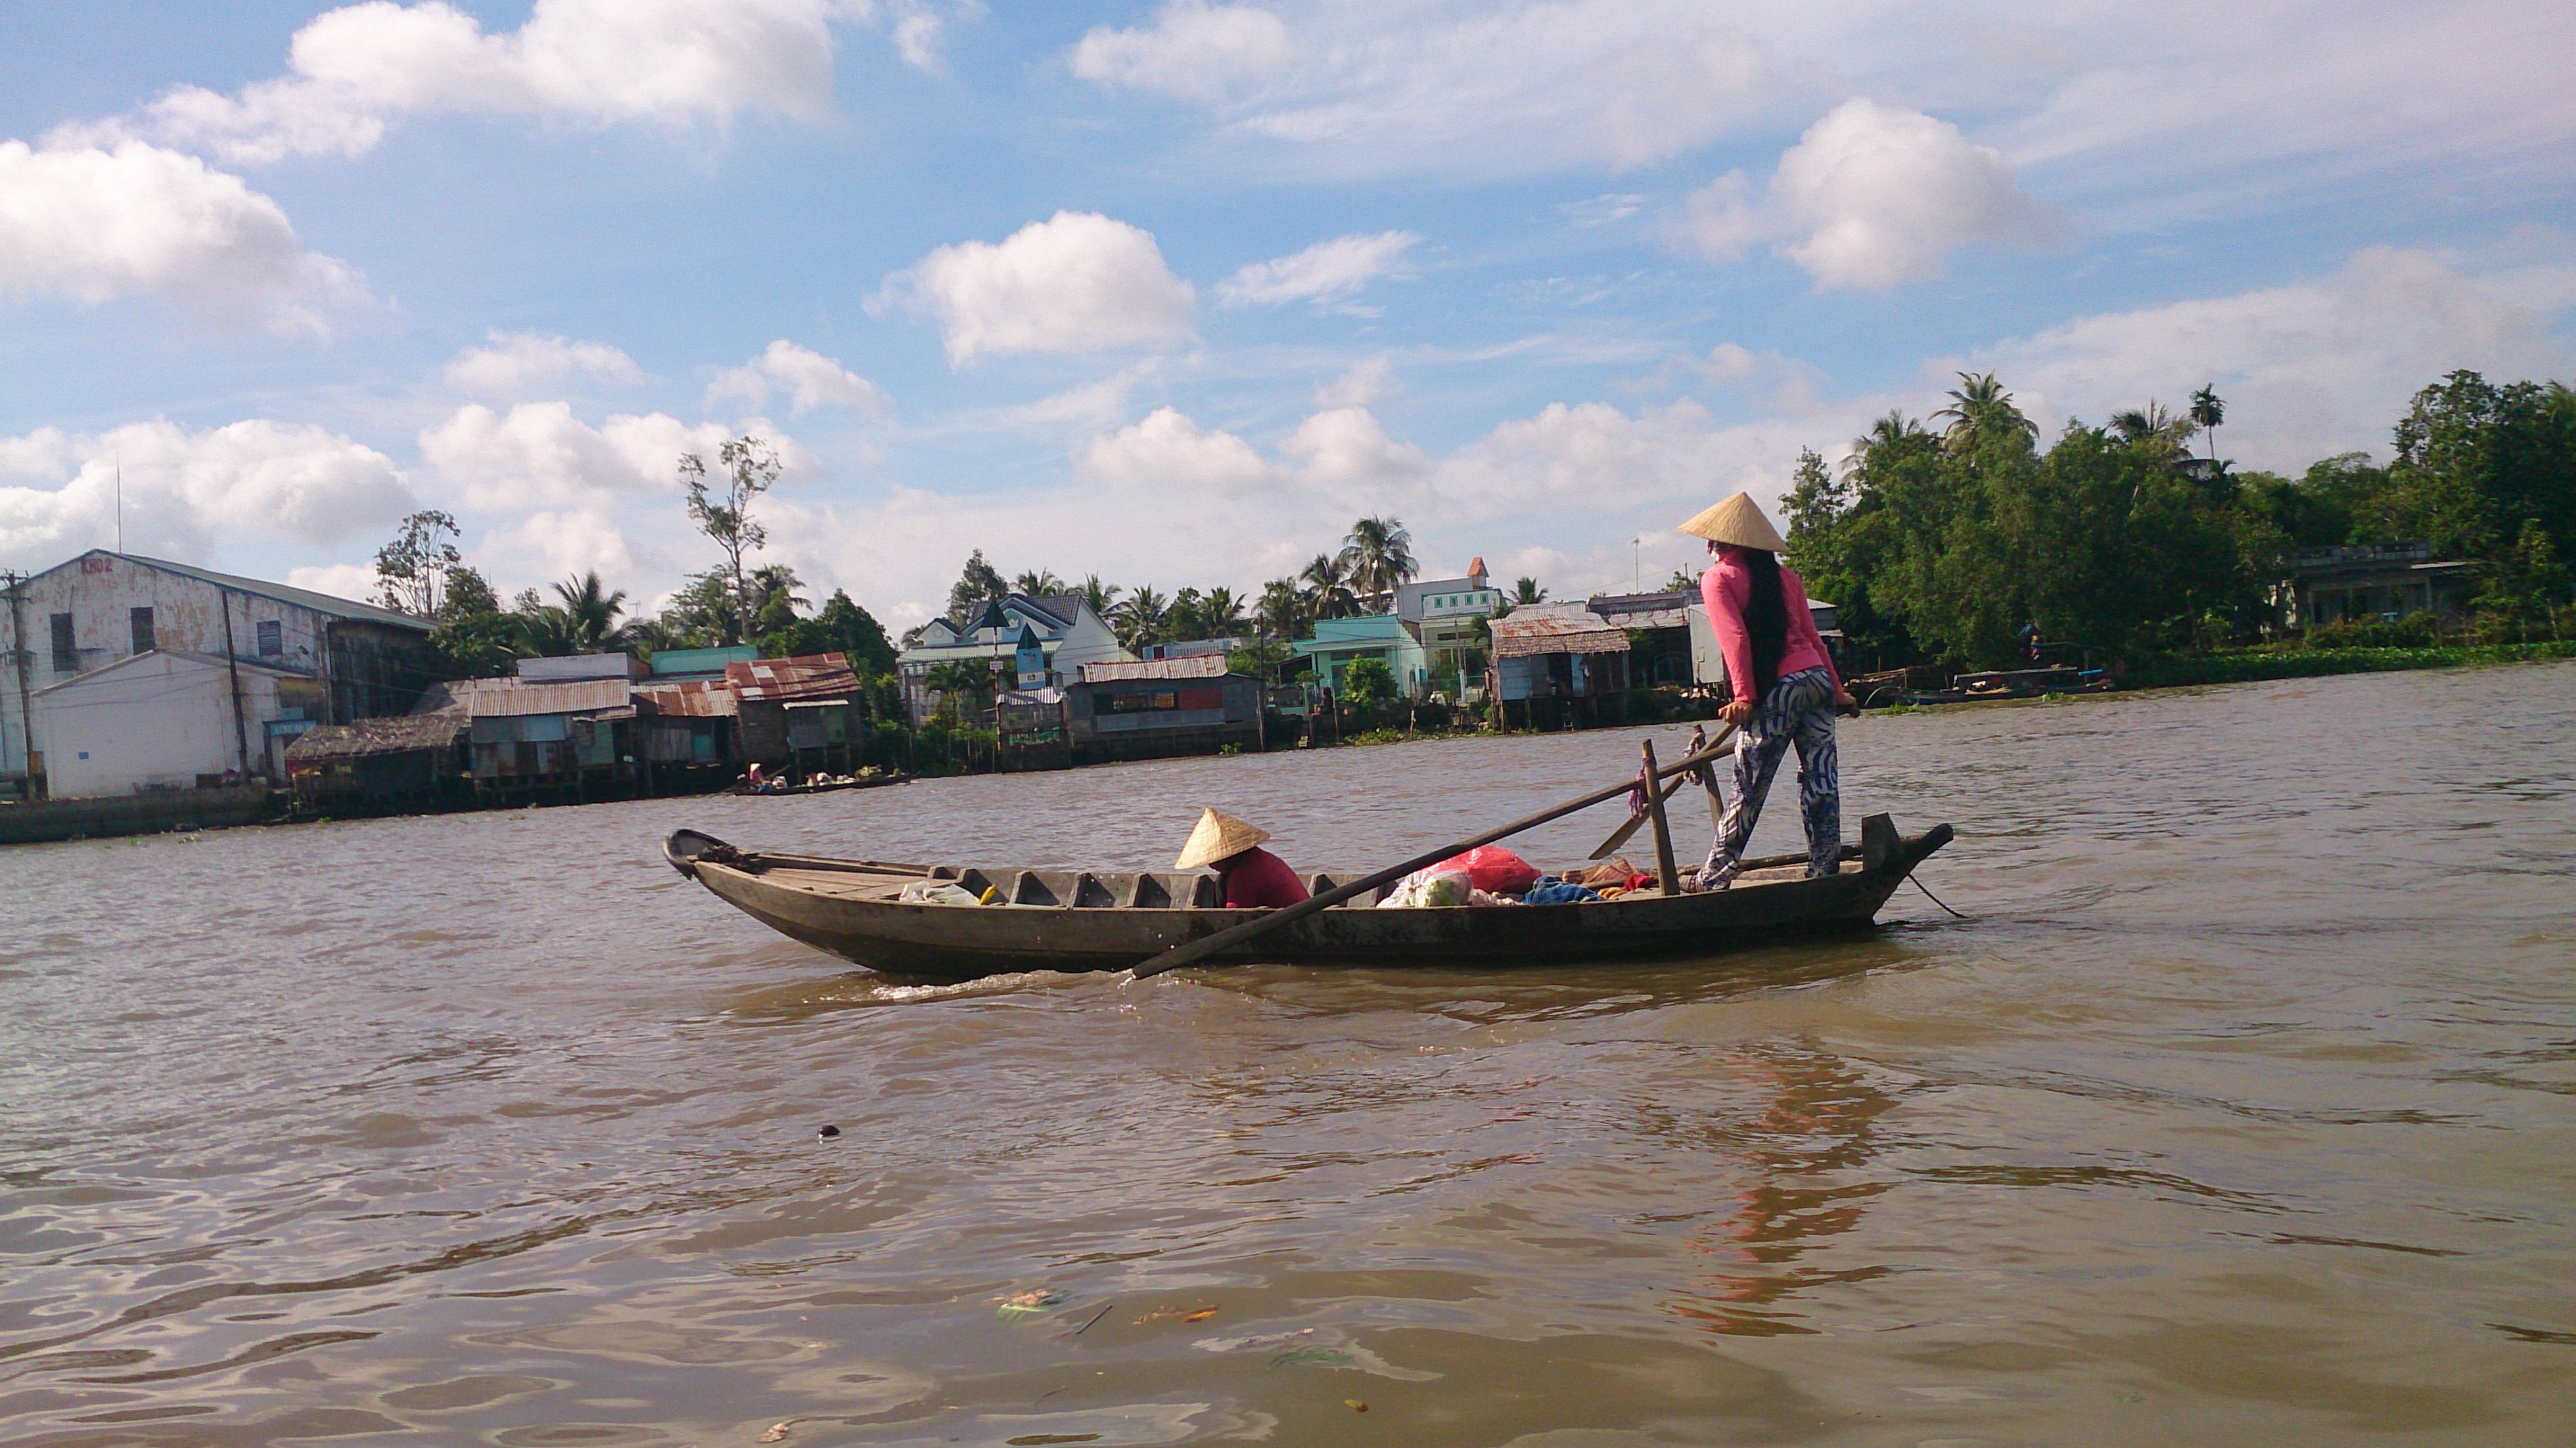 船行き交う水の都・カントーのカイラン水上マーケットに見るメコンの生活